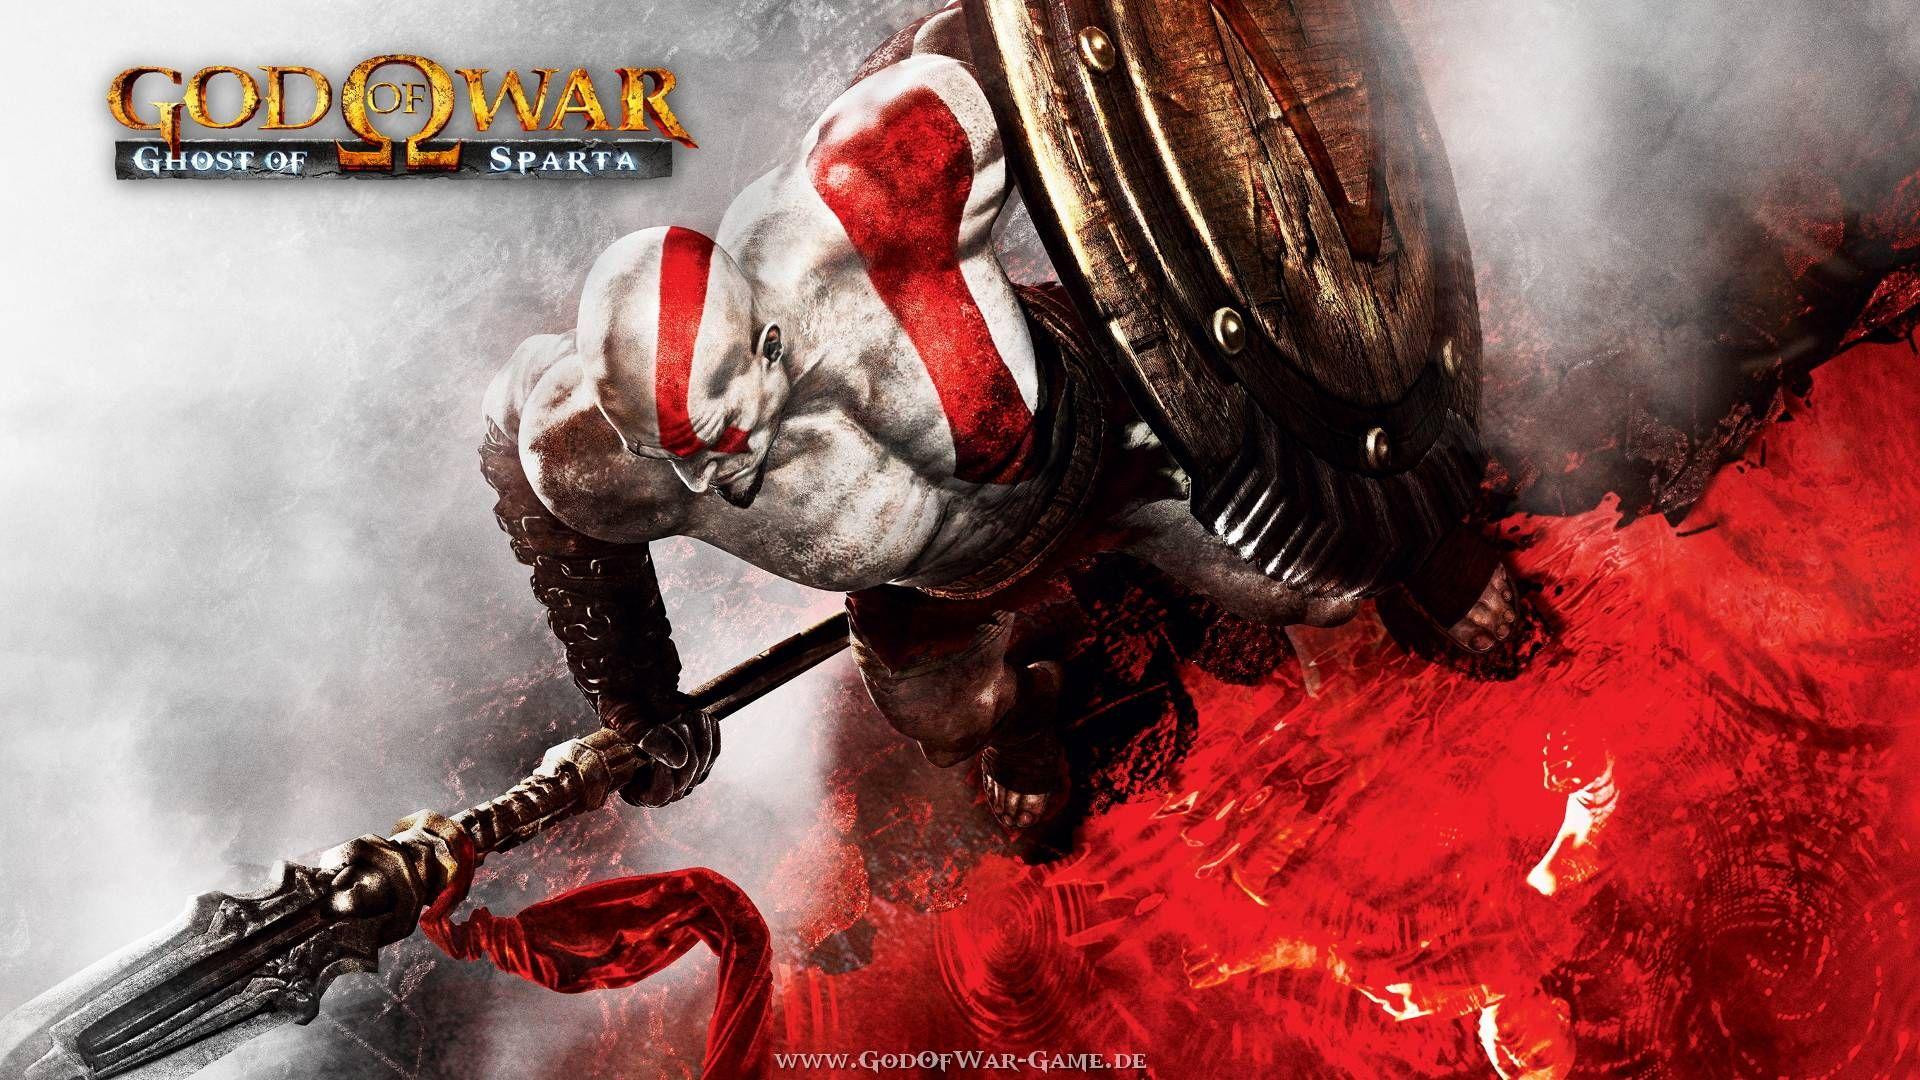 God Of War 3 Wallpapers Hd Wallpaper Cave God Of War